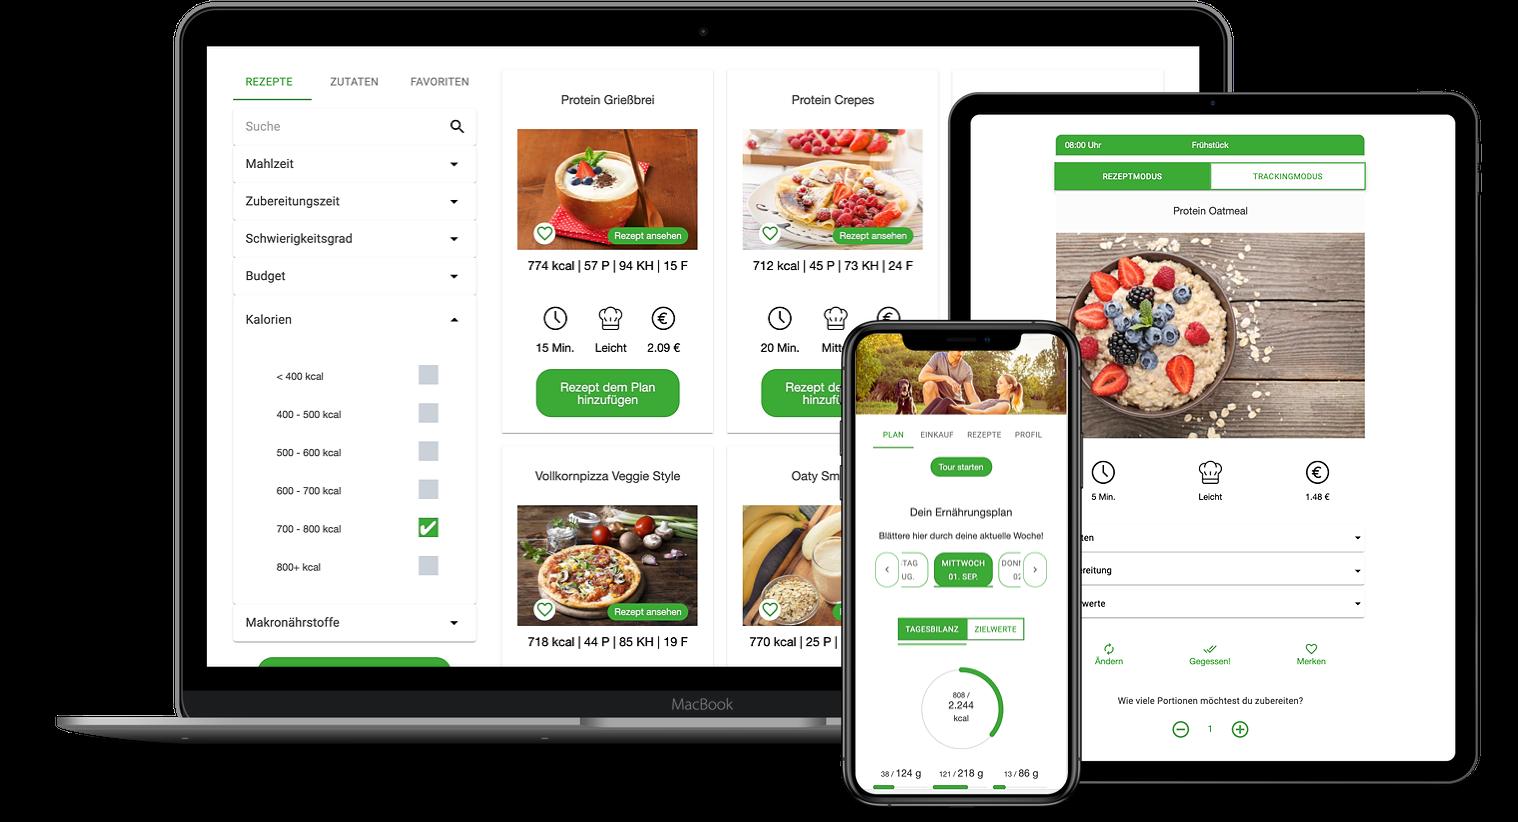 Erfahrungen zur Natty Gains Ernährungssoftware + Ernährungs-App von Personal Trainern, Ernährungsberatern, Gesundheitscoaches - Mockups von Tobias Lindstädt aus Magdeburg